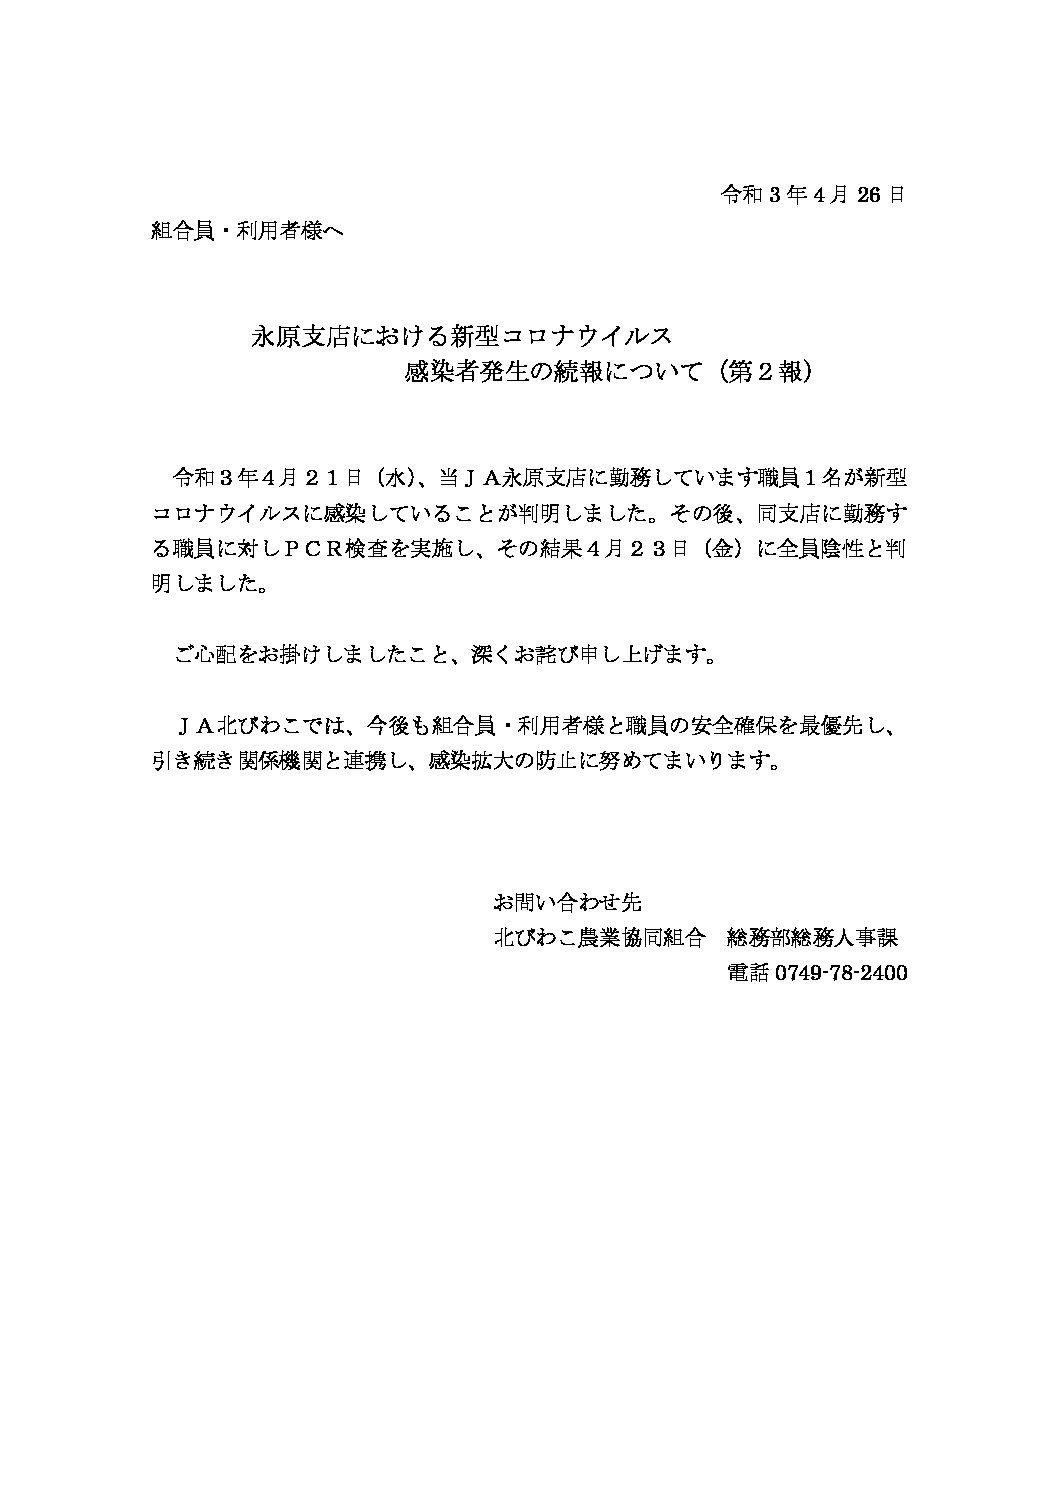 永原支店における新型コロナウイルス感染者発生の続報について(第2報)